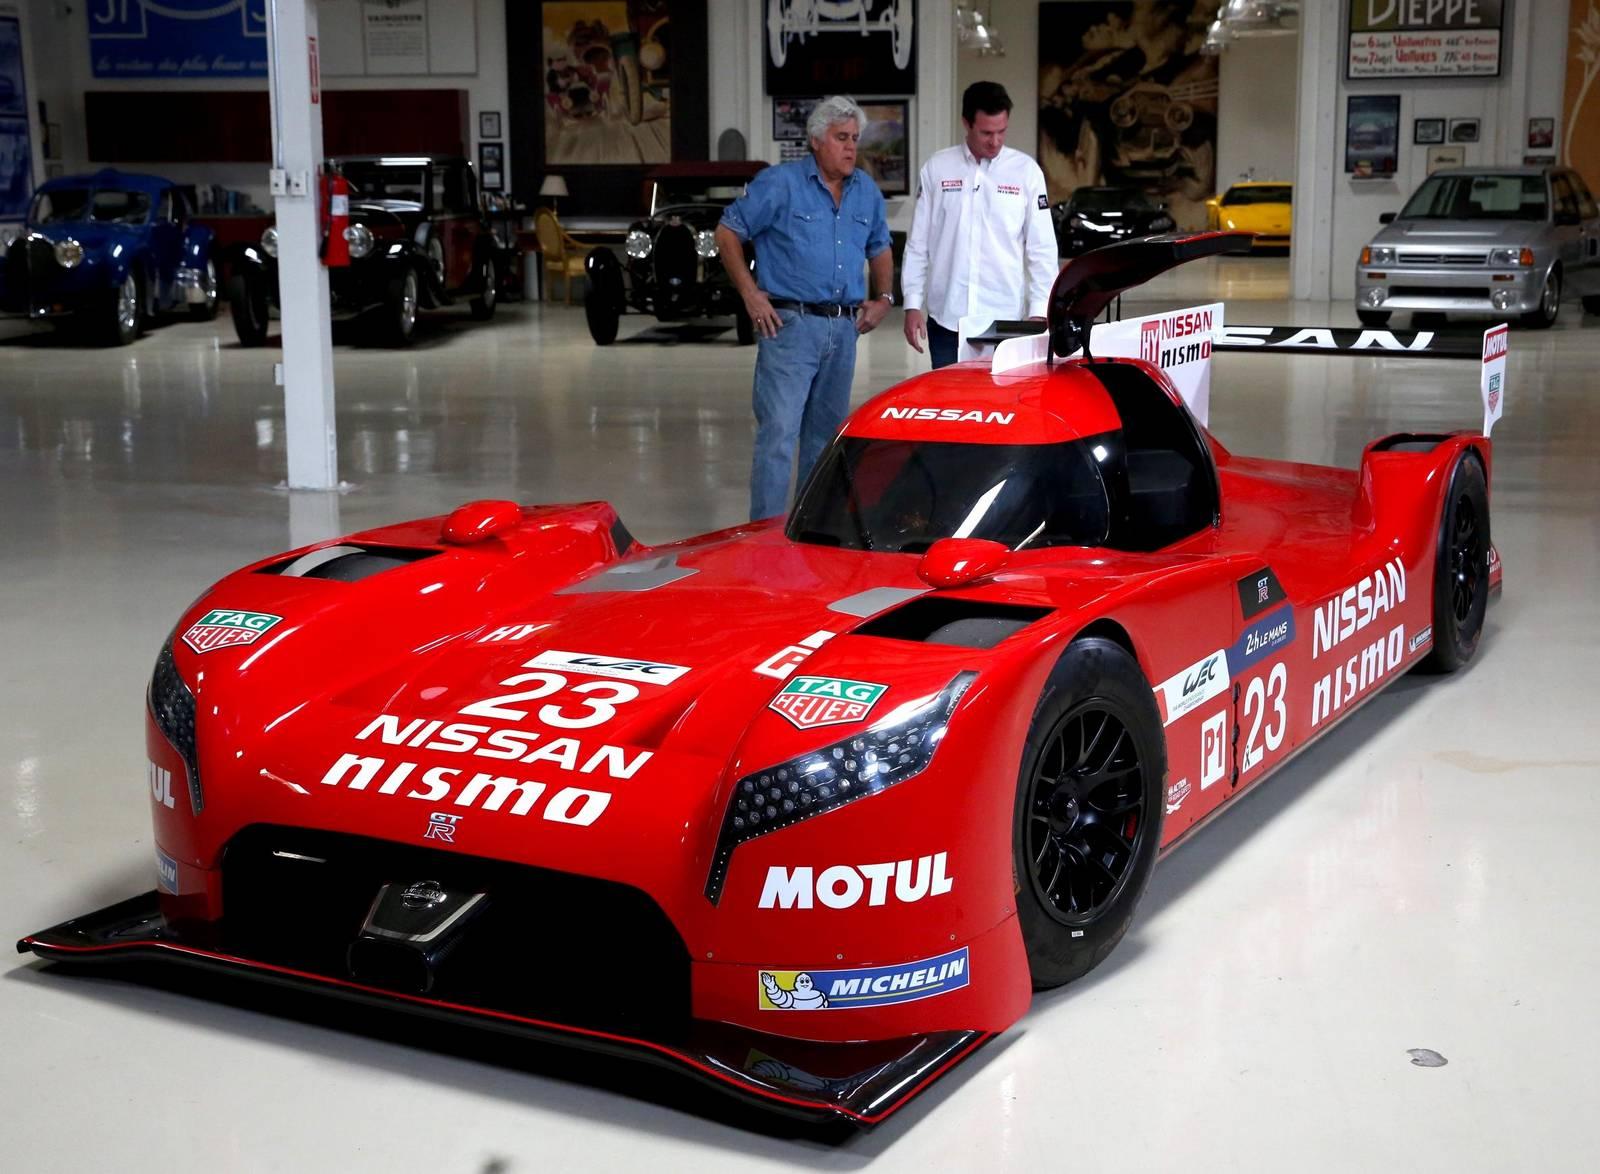 Nissan unveils front-drive GT-R LM Nismo Le Mans racer